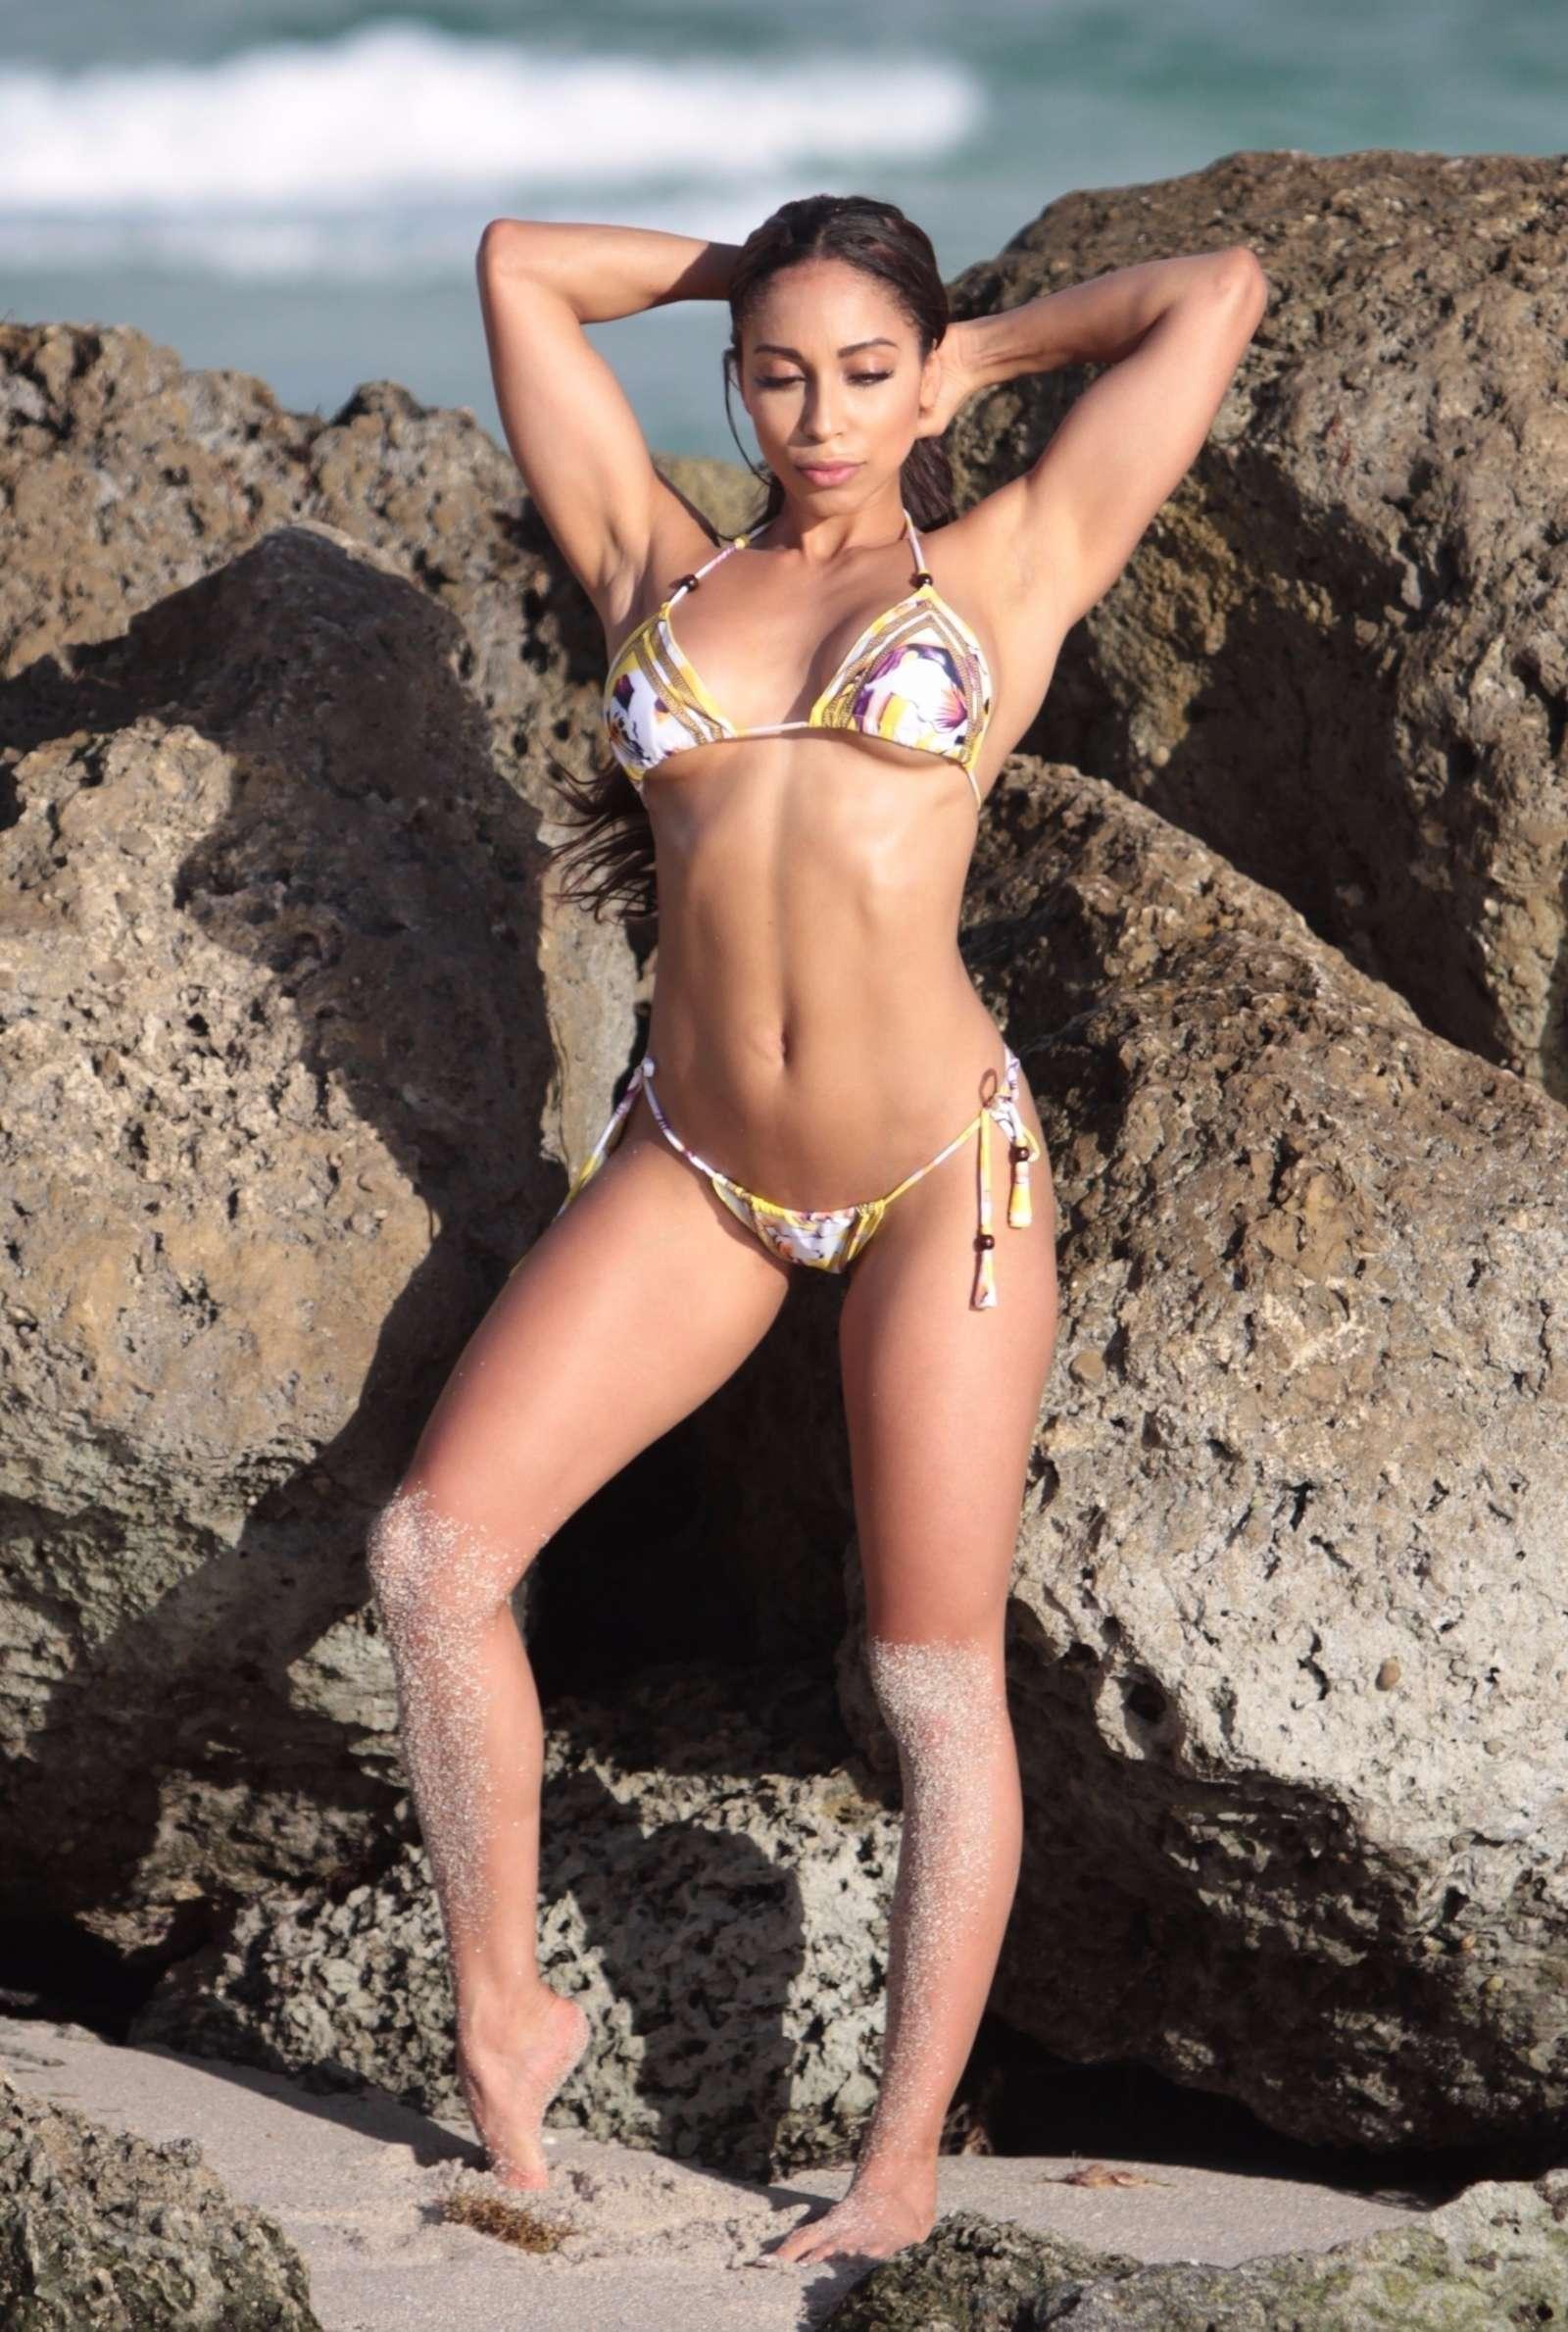 legs Youtube Sophia Leger Valere naked photo 2017